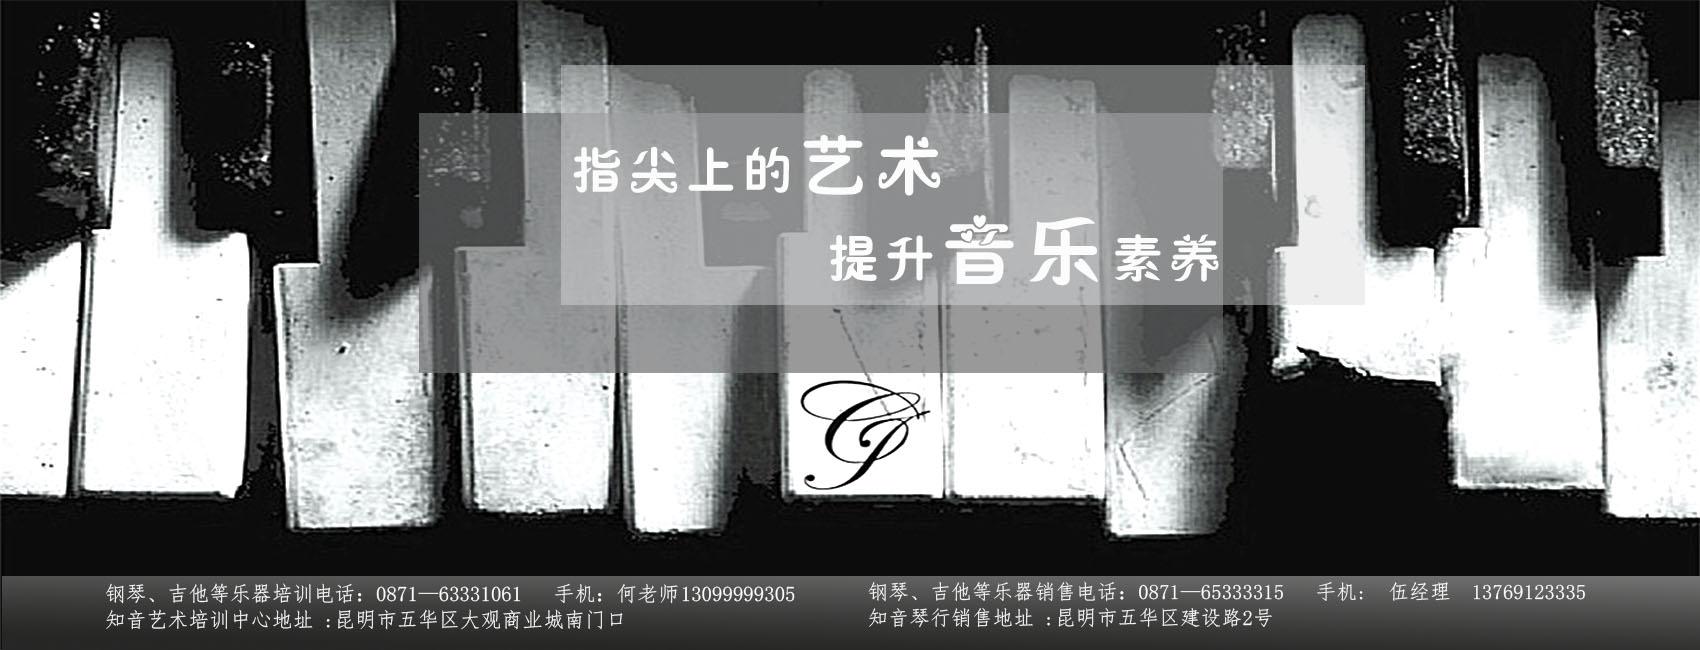 昆明乐虎官方app下载培训